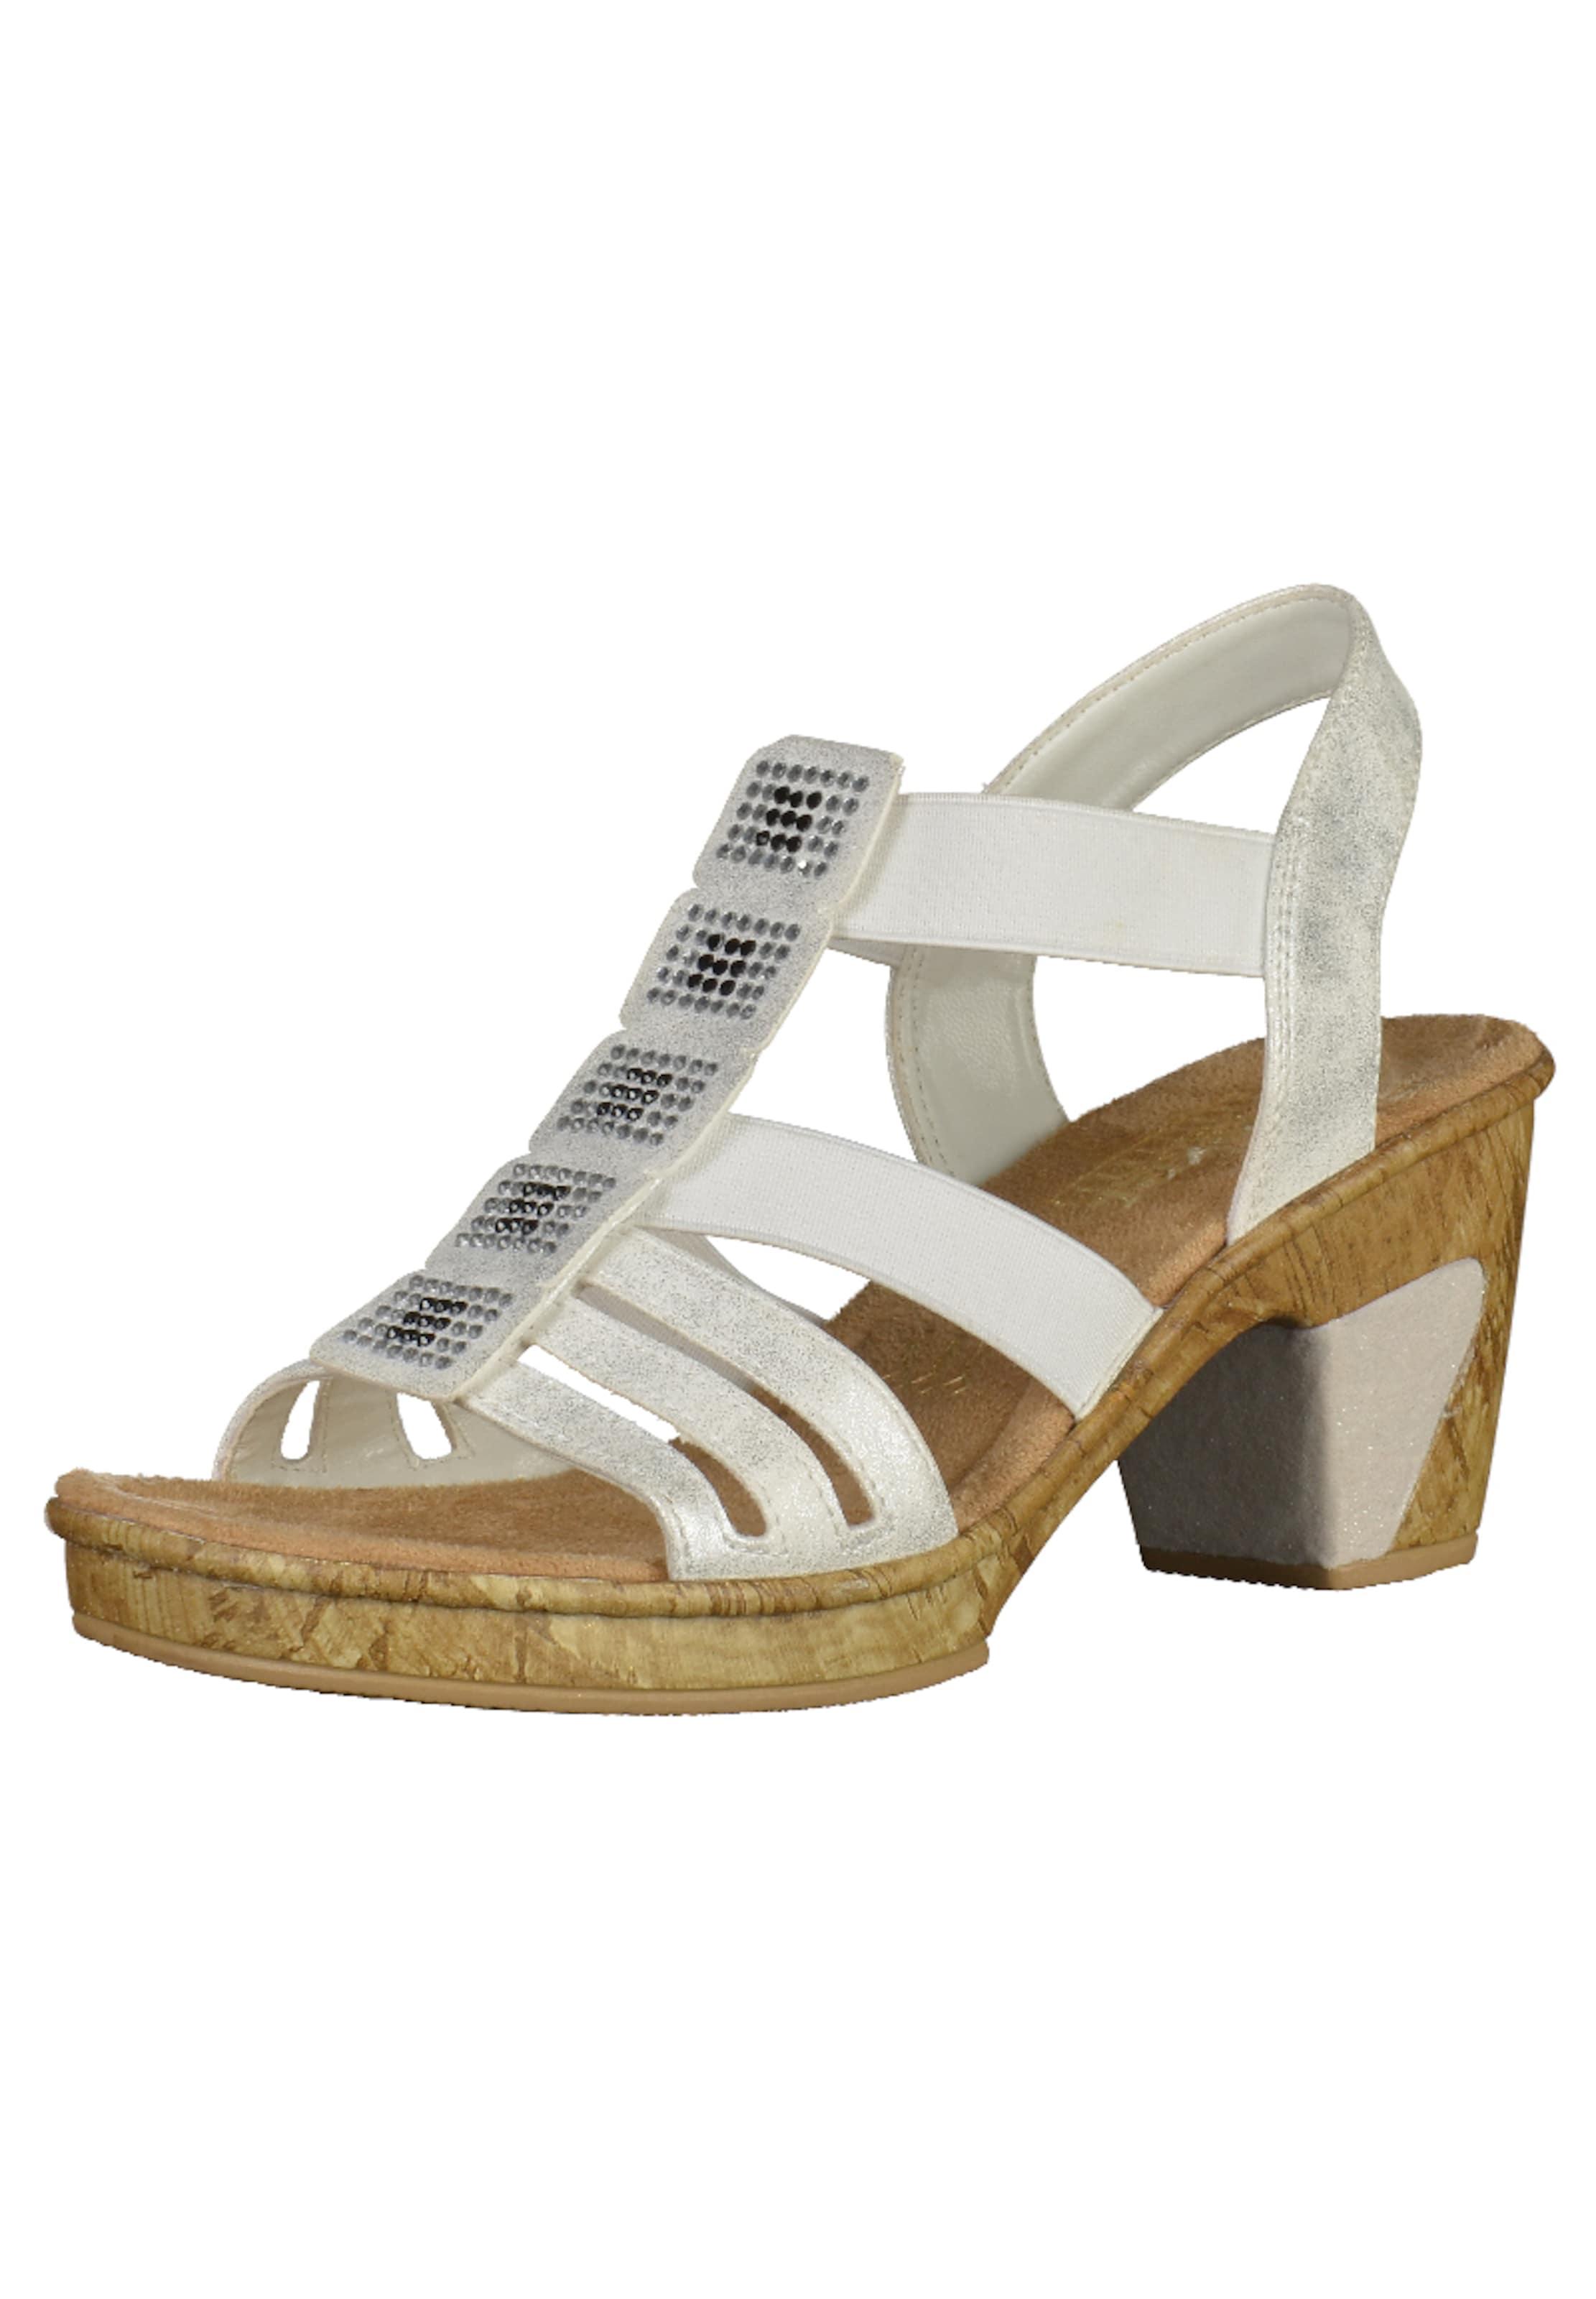 RIEKER Sandalen Günstige und langlebige Schuhe